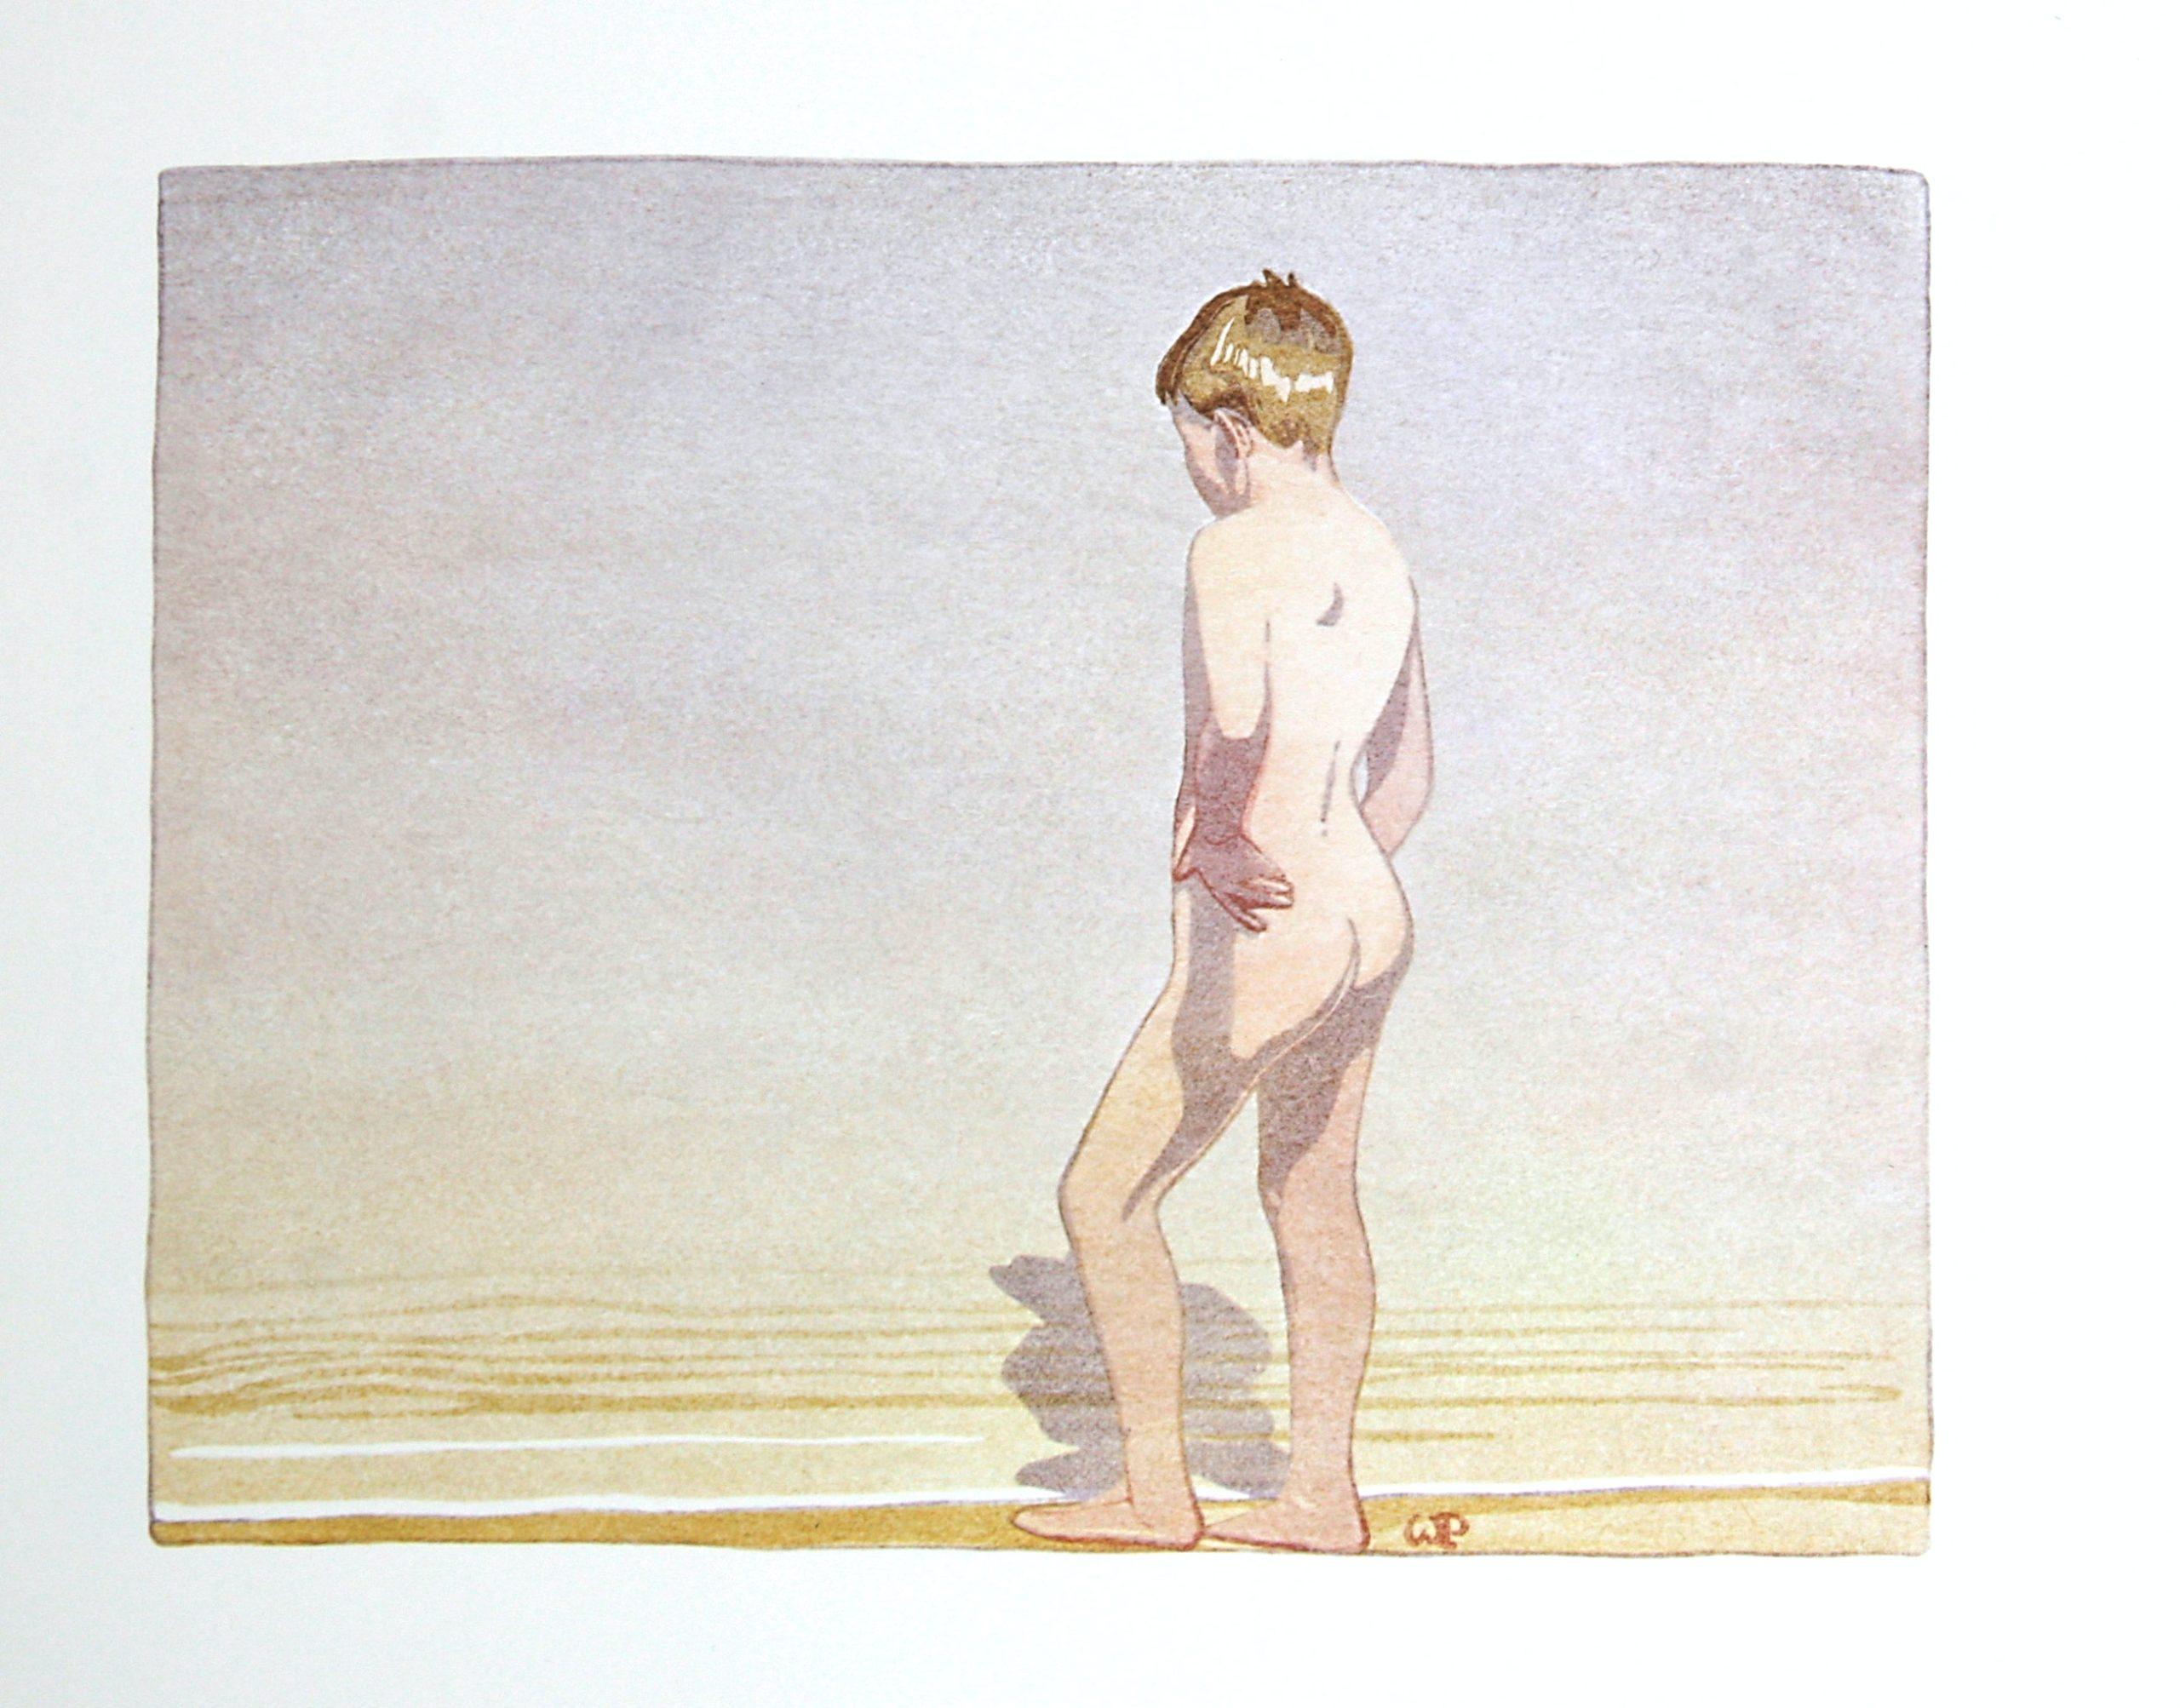 John by WJ Phillips